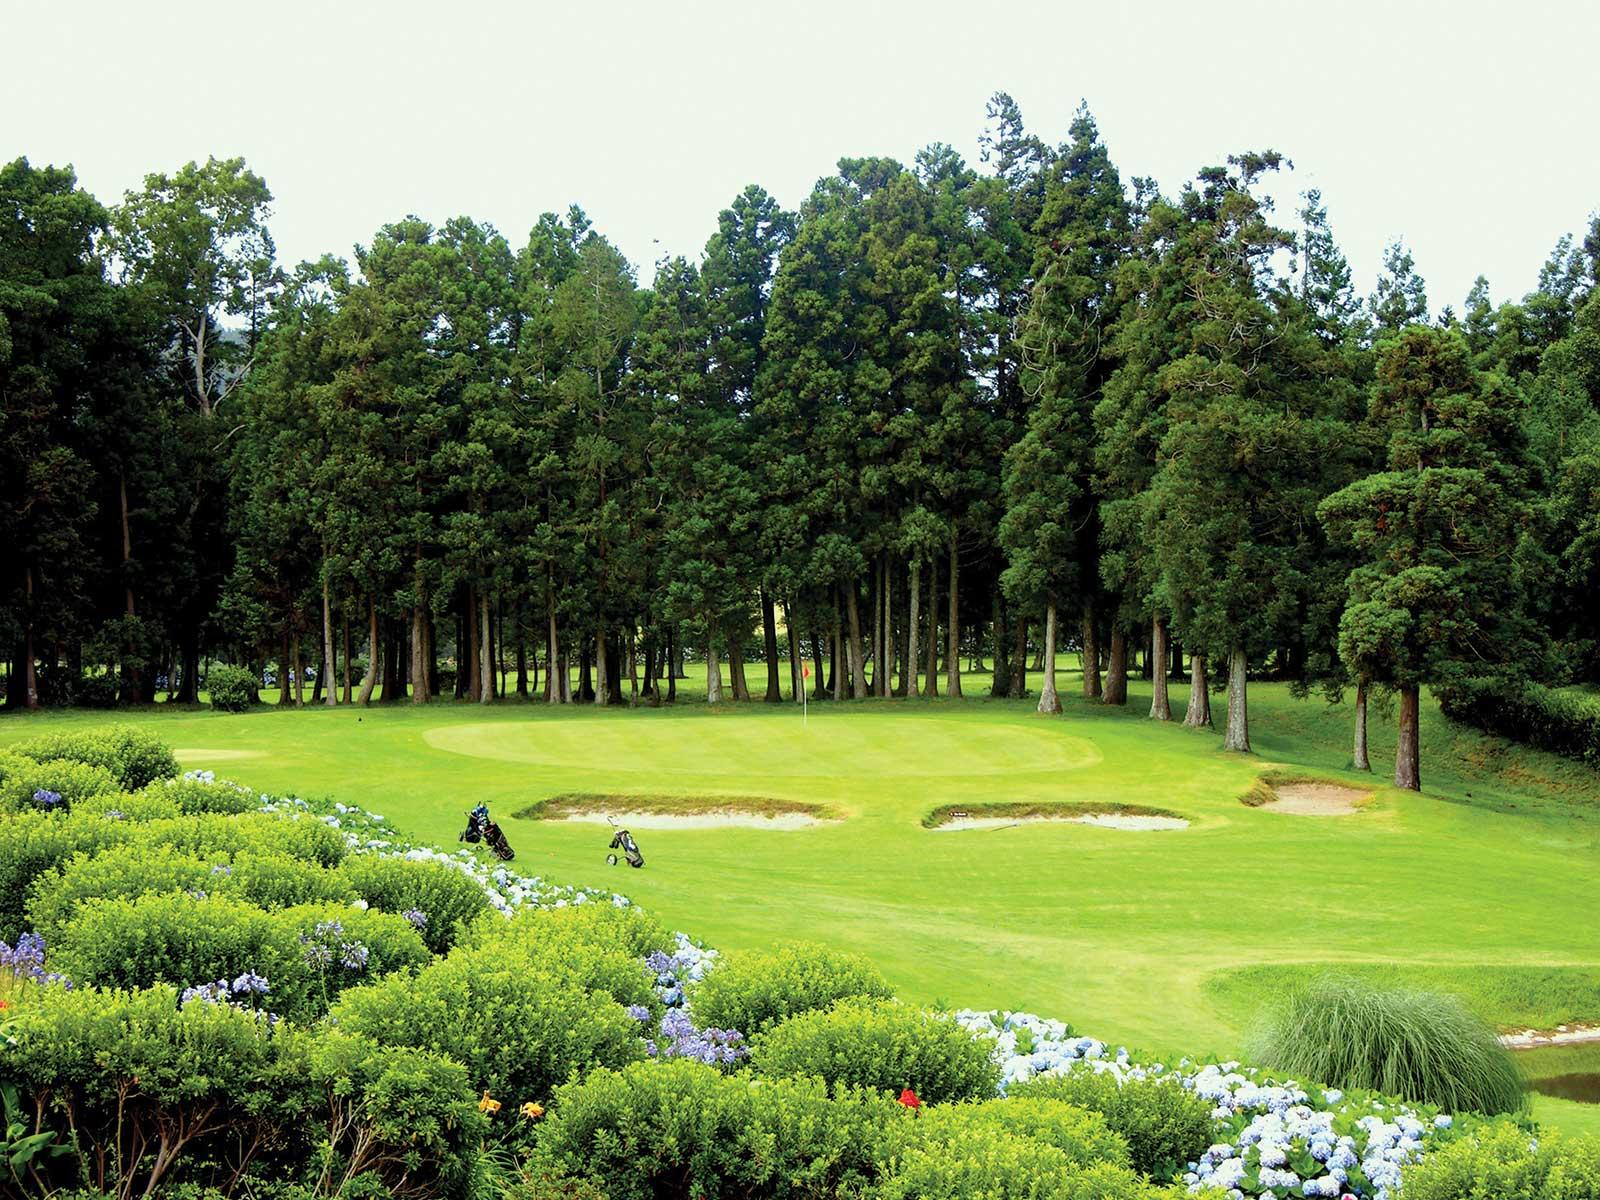 Parcours de golf de Terceira intelligemment configuré est d'une rare beauté naturelle